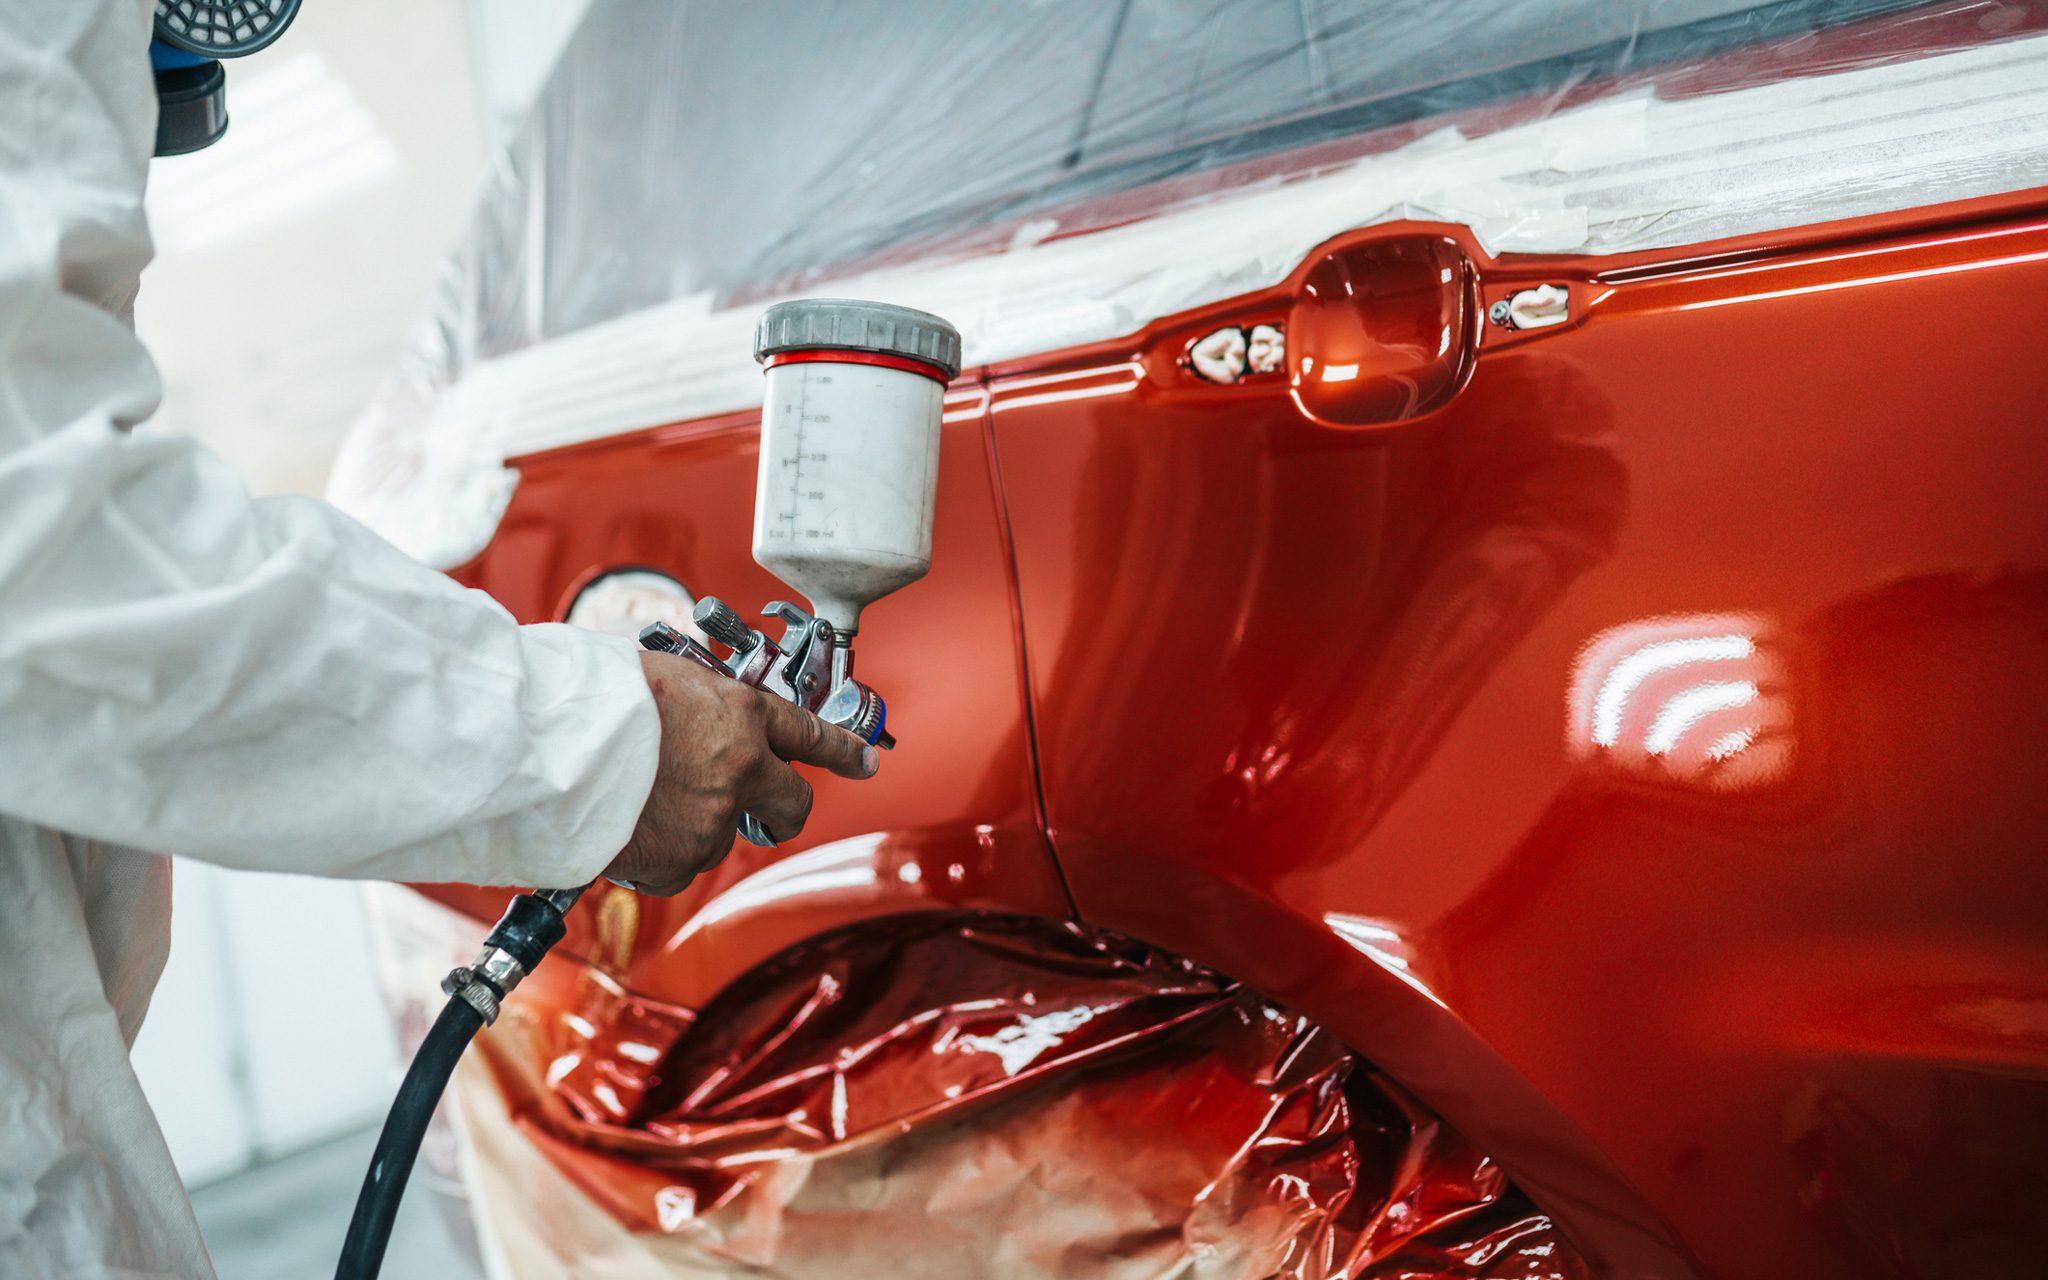 Mann mit Schutzkleidung und Masken lackiert Auto mit Sprühkompressor.